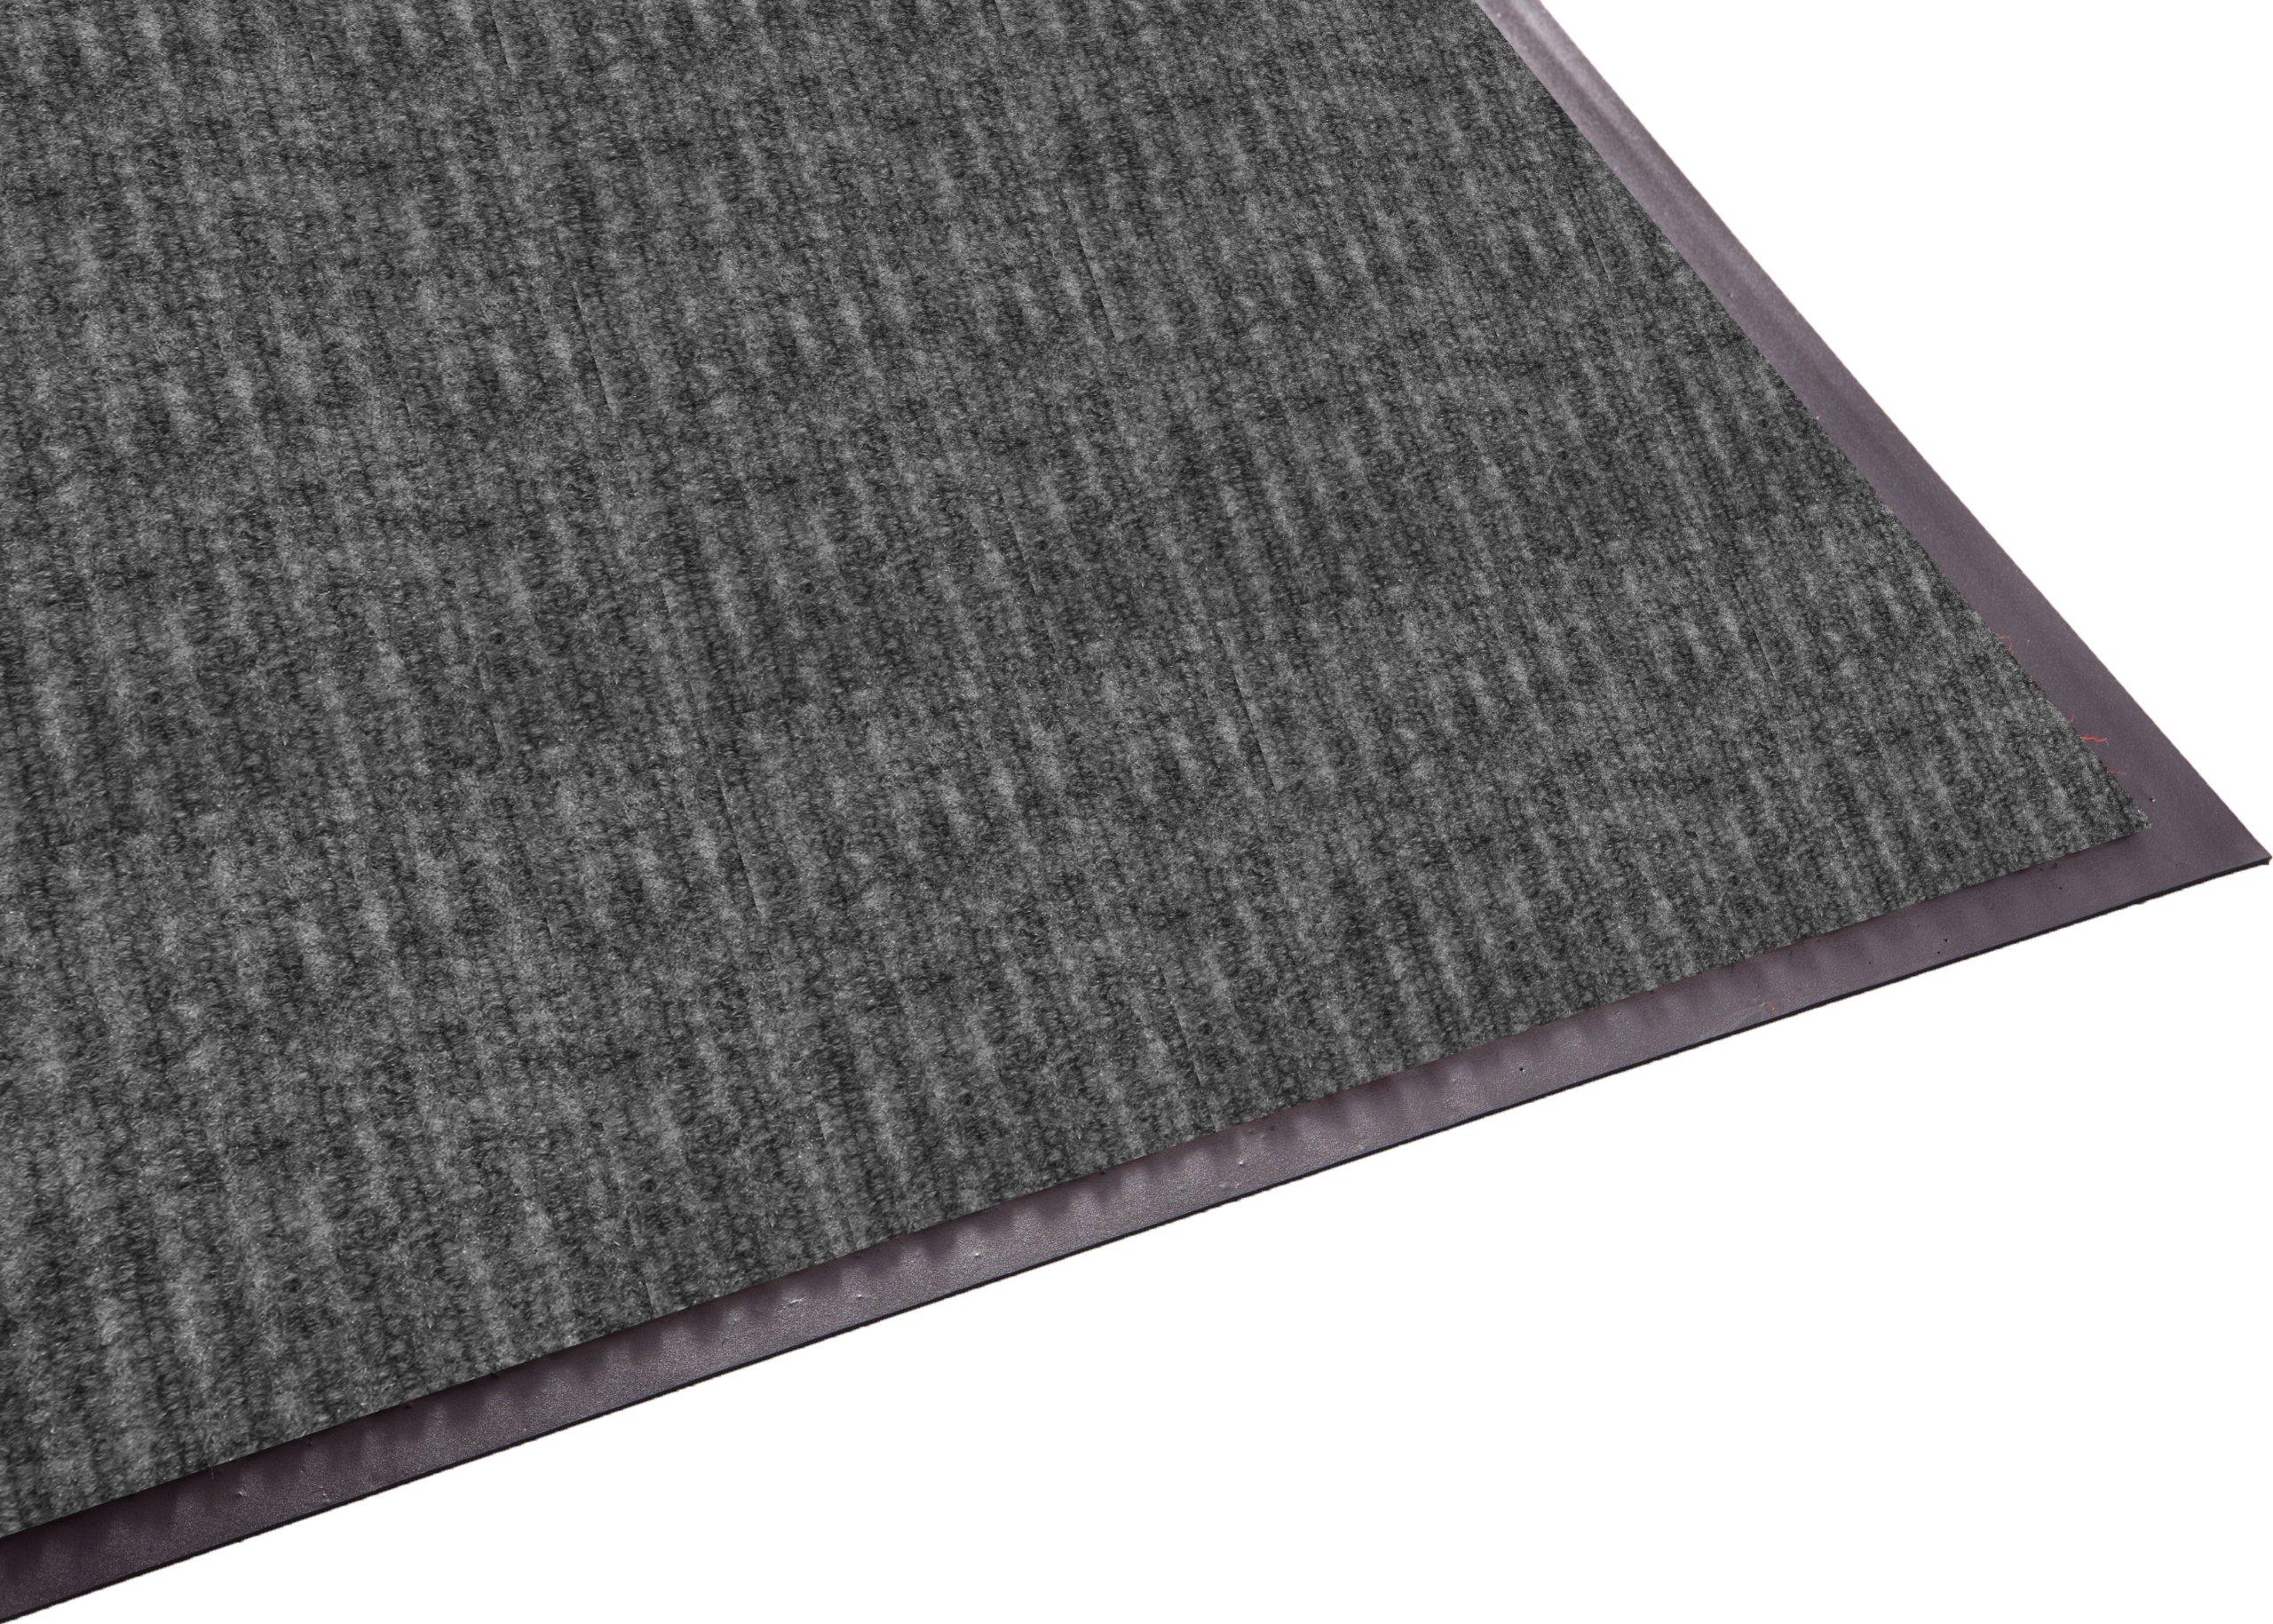 Guardian Golden Series Dual-Rib Indoor Wiper Floor Mat, Vinyl/Polypropylene, 3'x10', Grey by Guardian